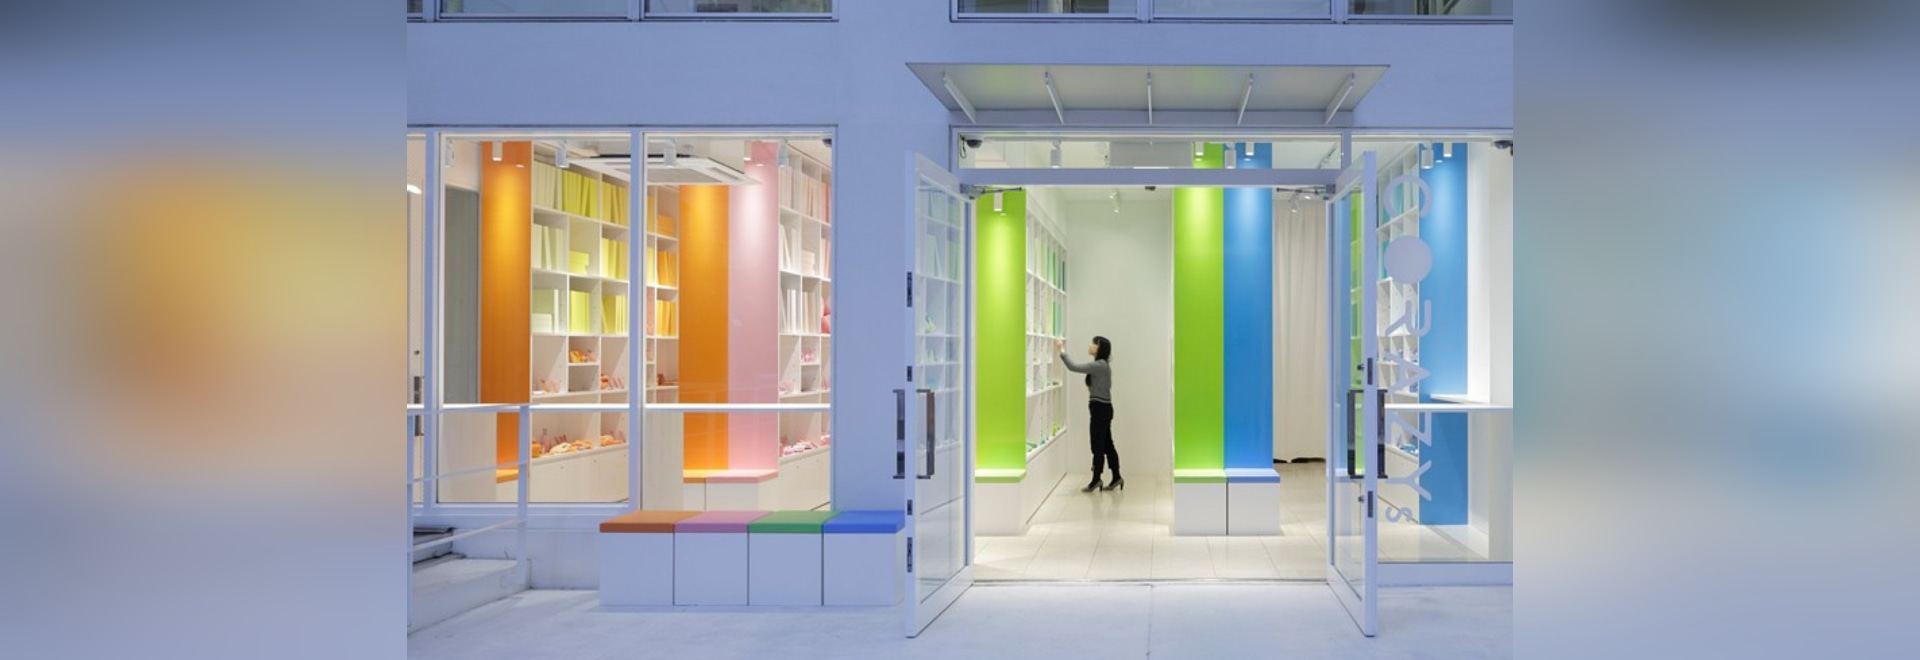 el moureaux del emmanuelle presenta a casa el almacén en Tokio como biblioteca de colores